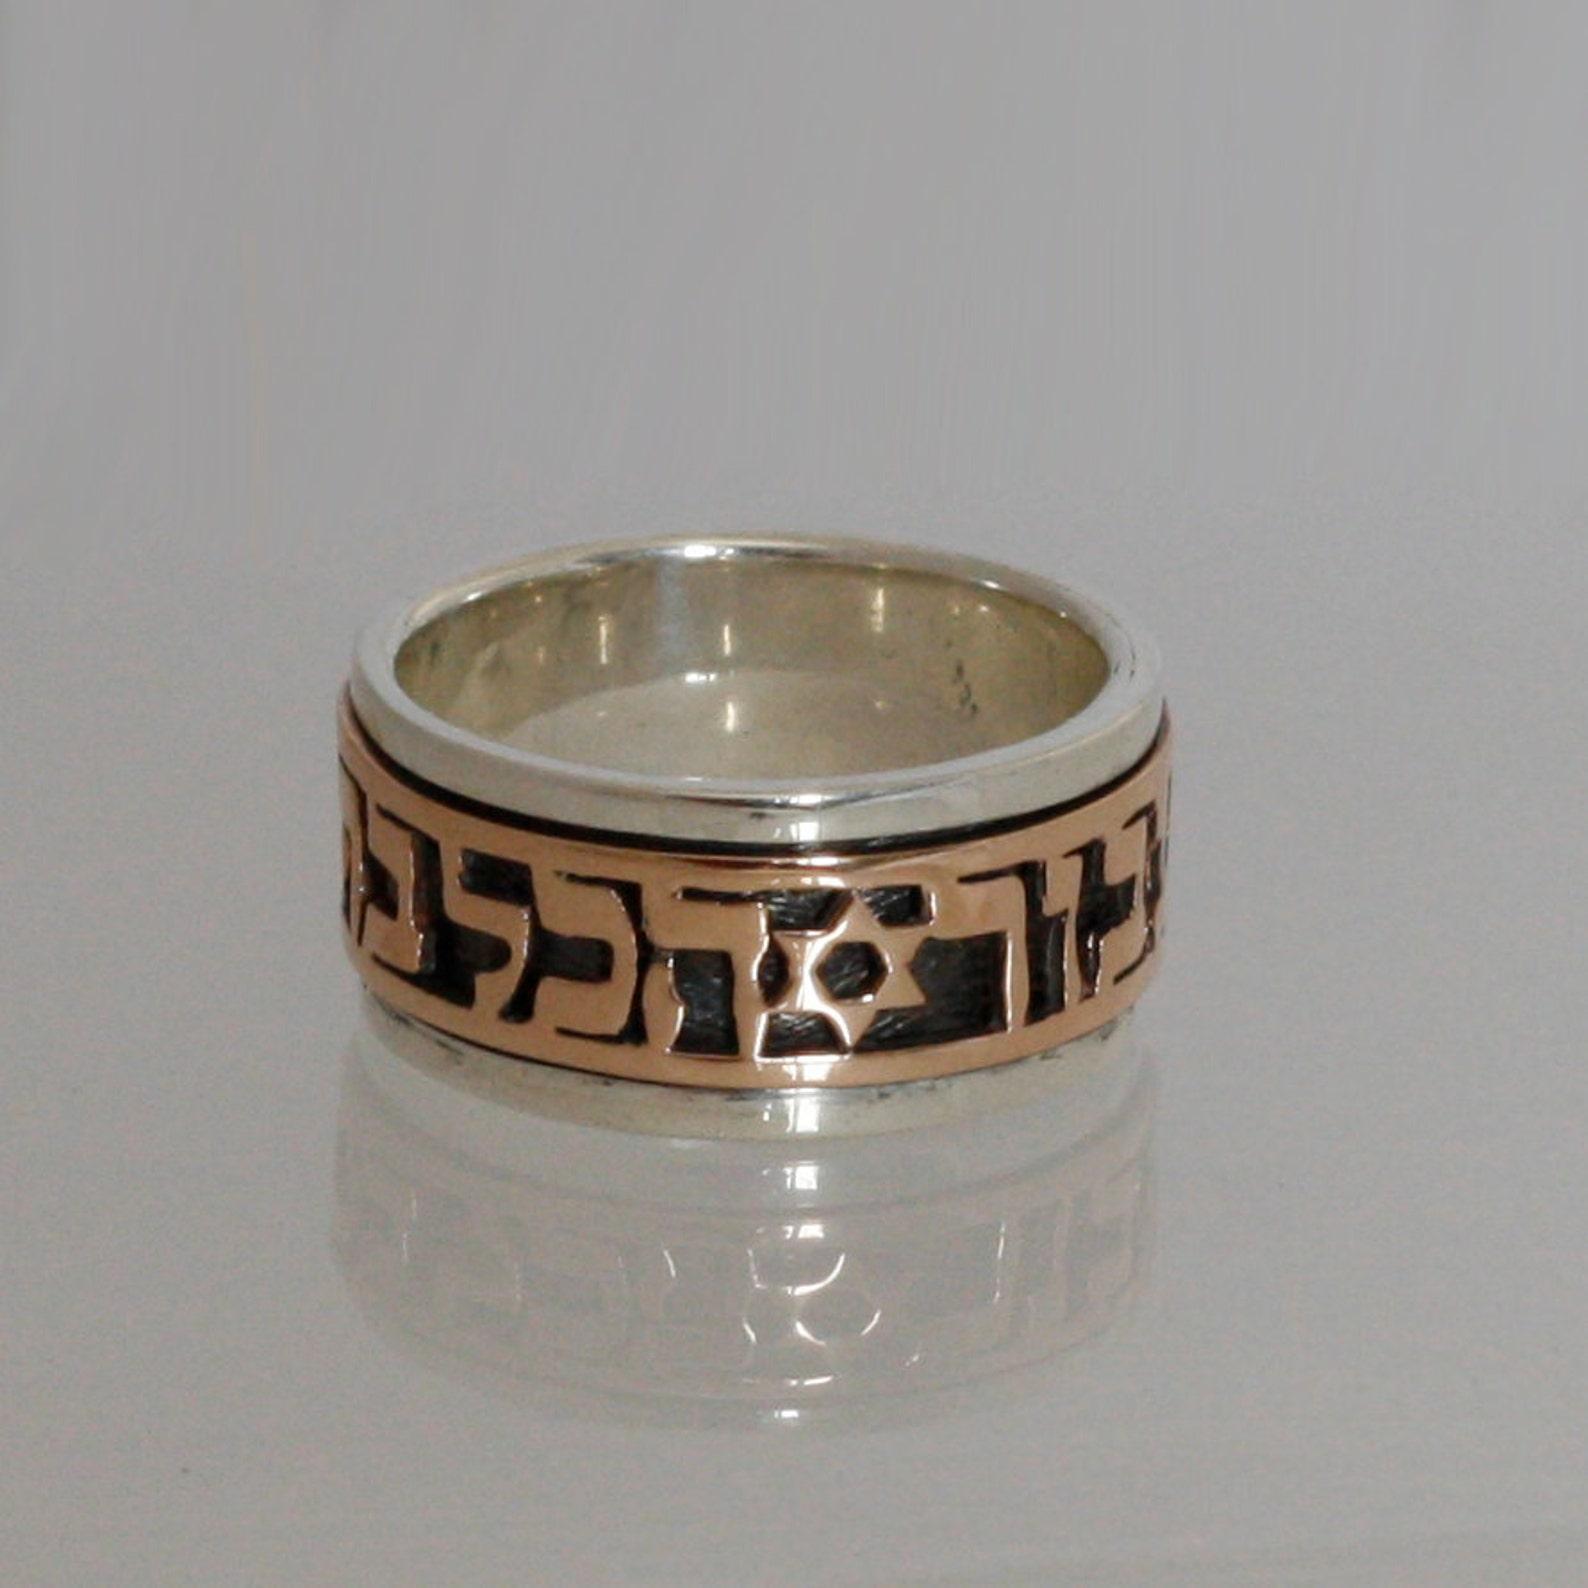 самых кольцо соломона оригинал фото тут